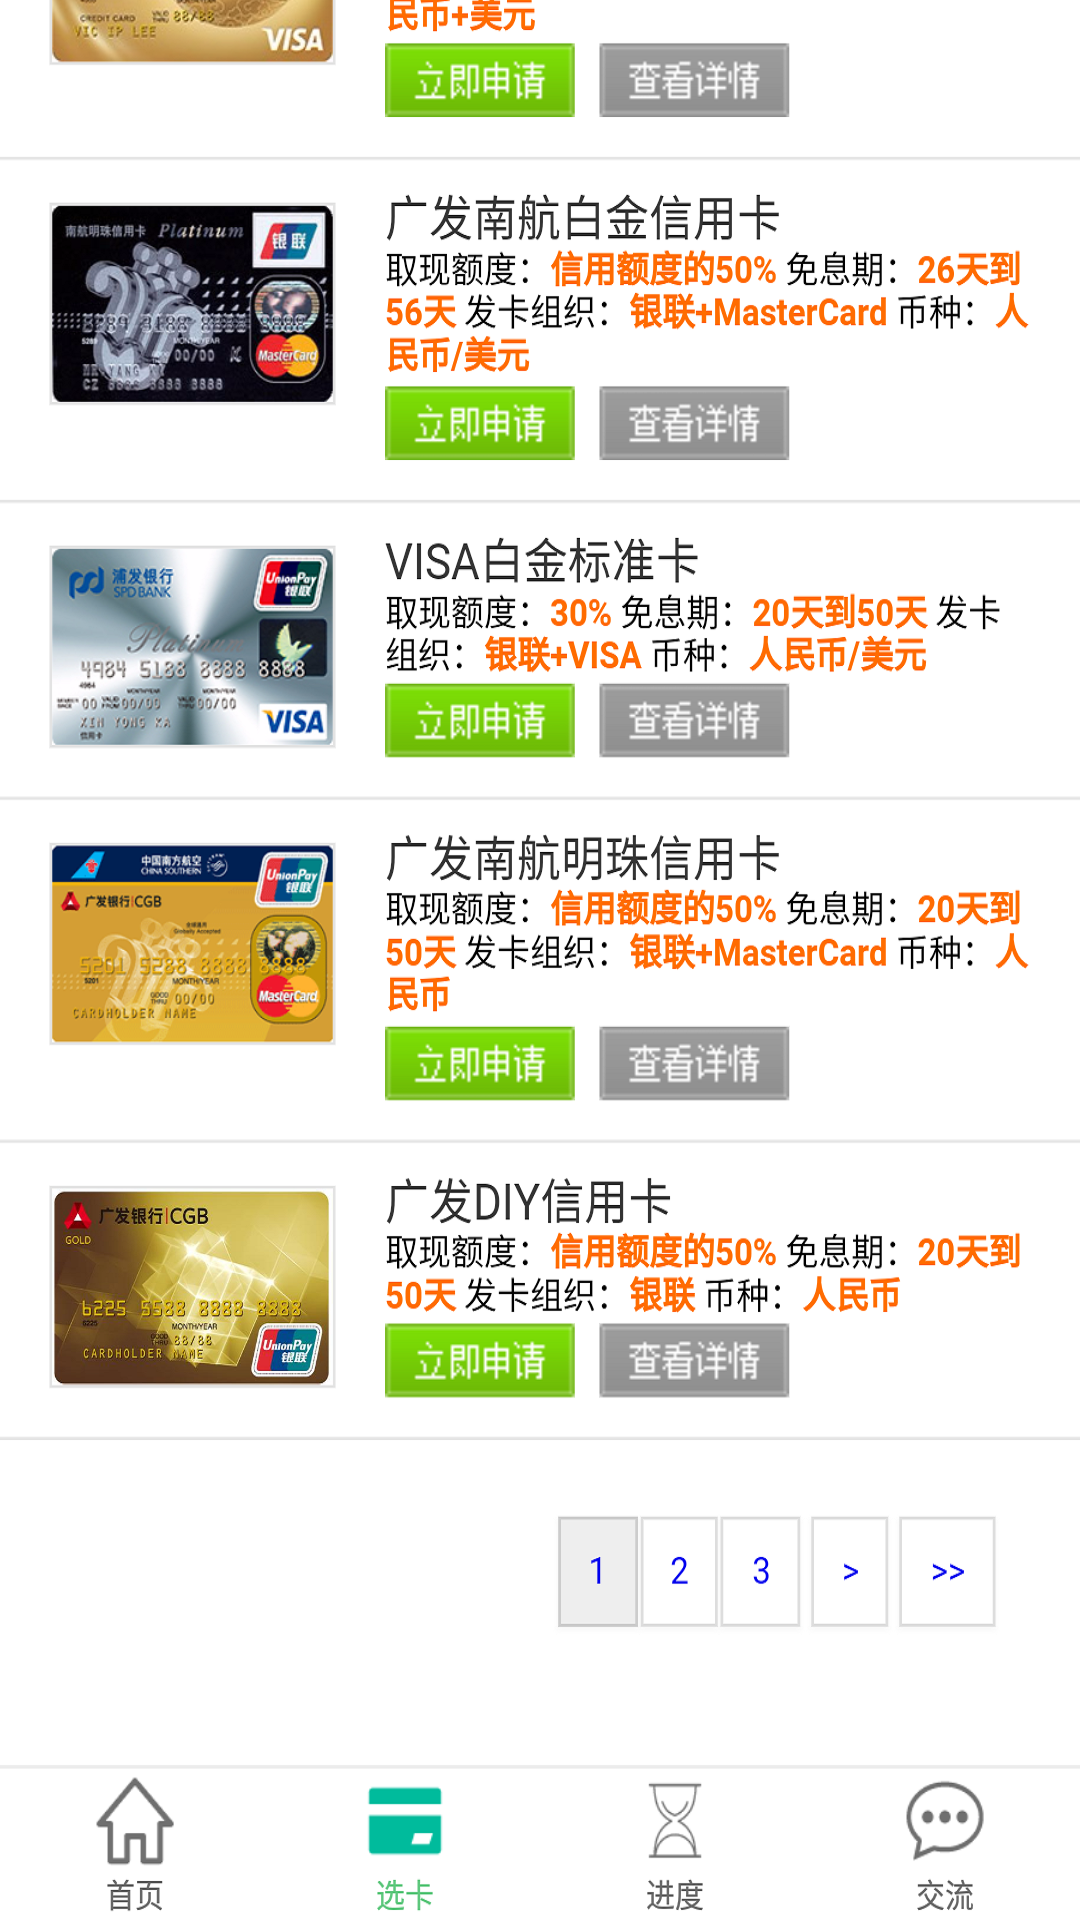 上海信用卡截图3